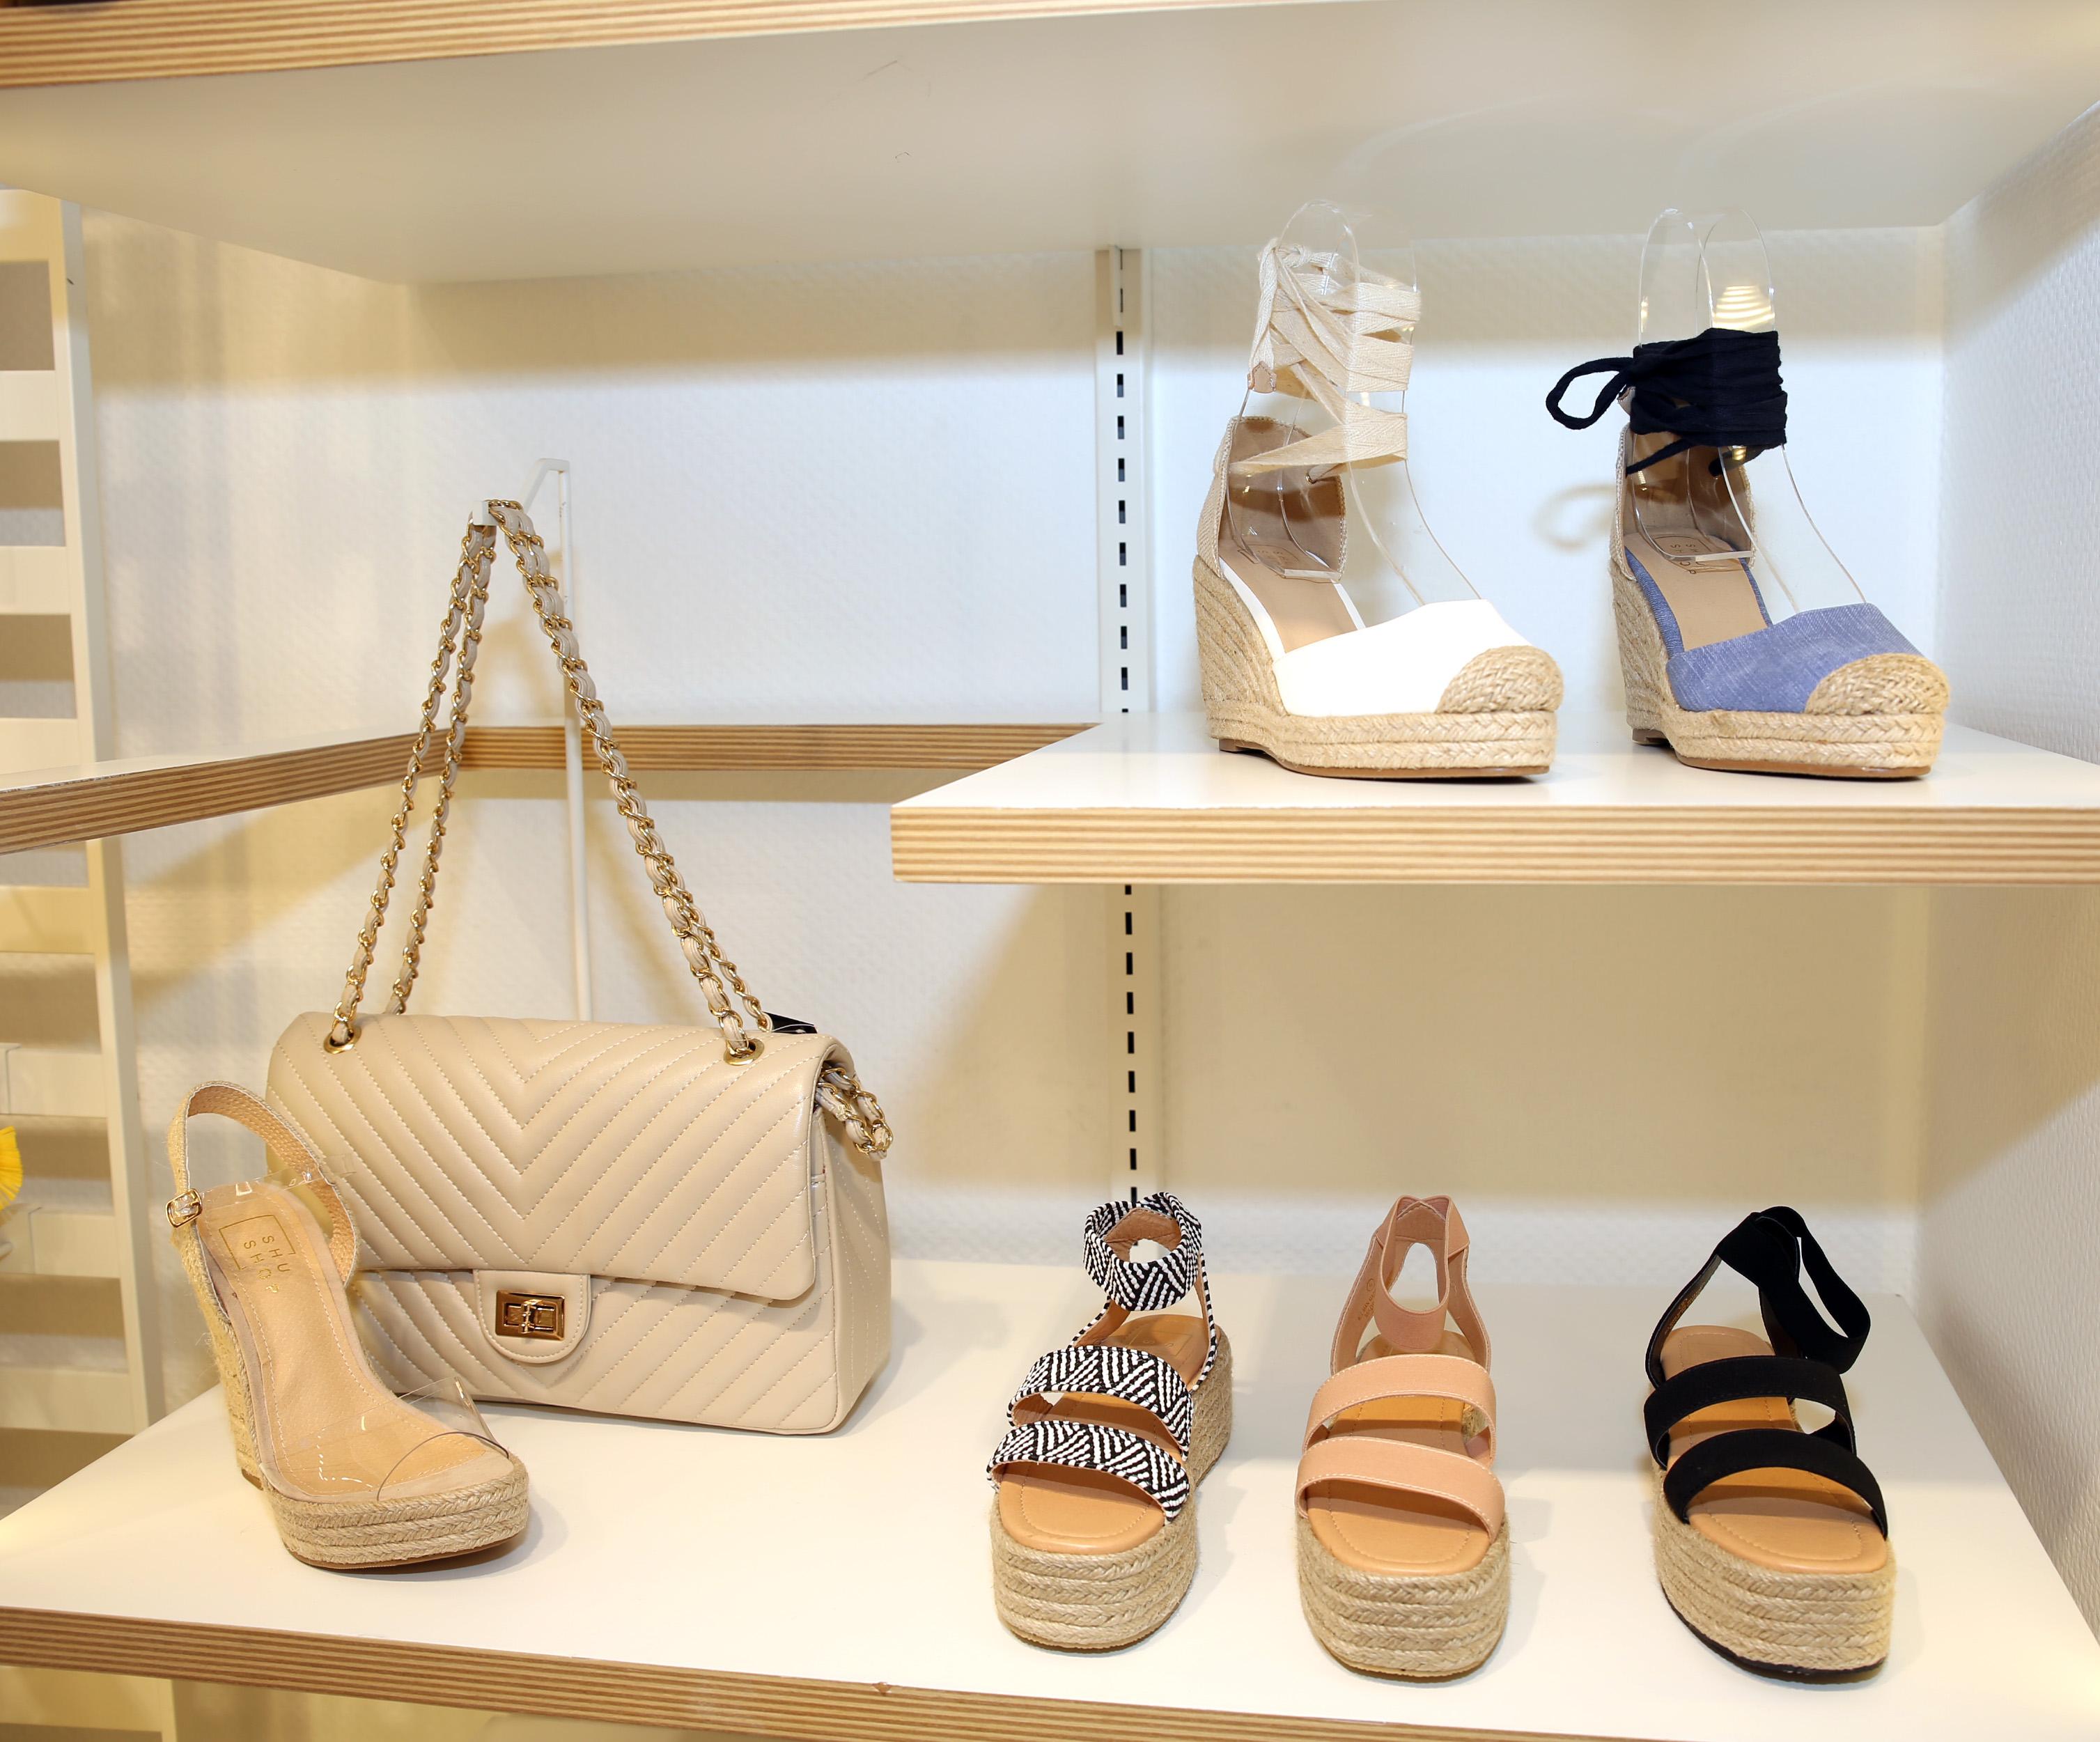 6fb8c5fb La tienda recibe mercancía cada dos semanas para mantenerse al día con las  tendencias de moda. En la actualidad tienen una variedad de sandalias de  tacón ...